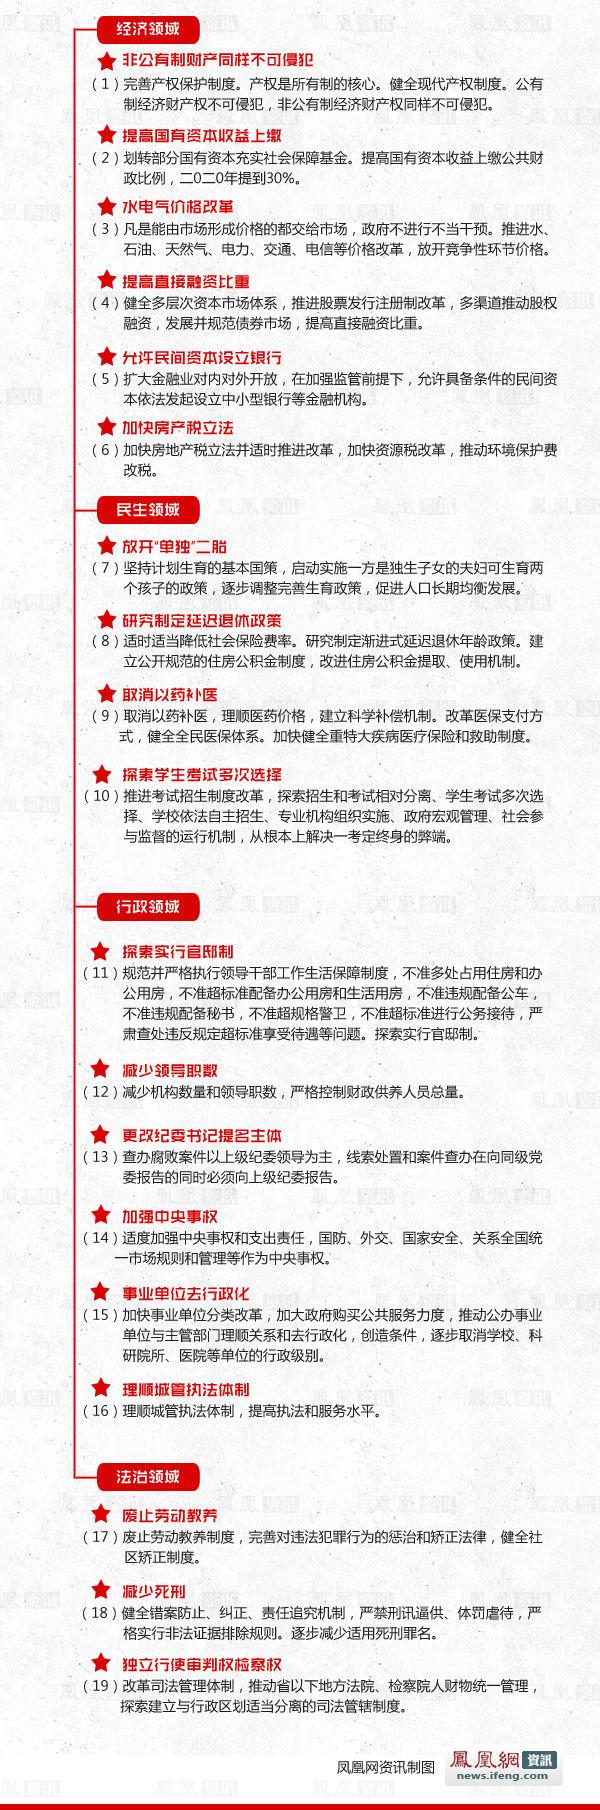 简易版:19项实打实的改革措施